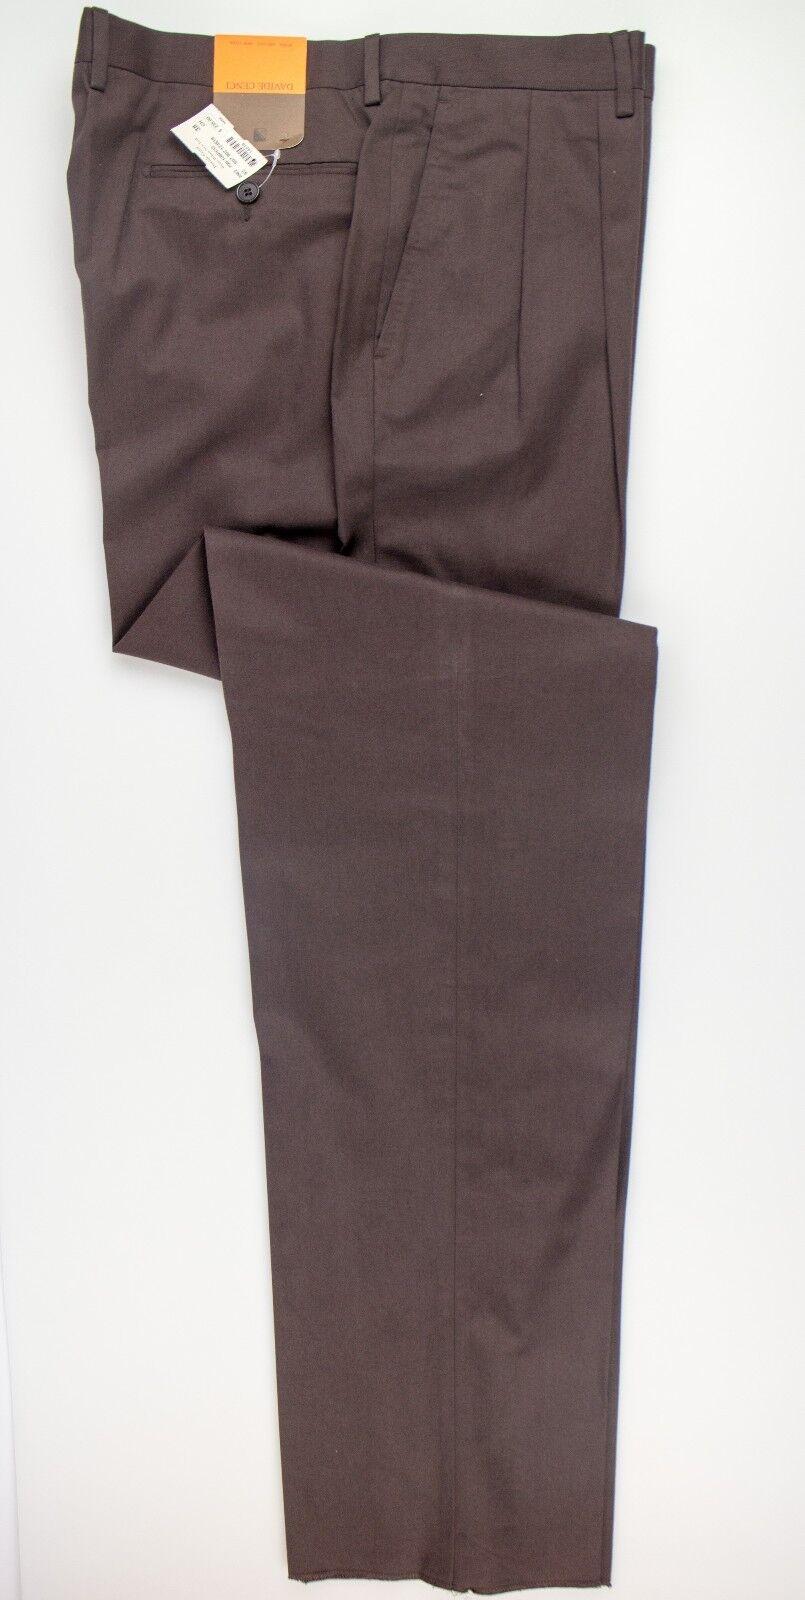 NWT Davide Cenci Men's Brown 100% Cotton Dress Pants Size 40